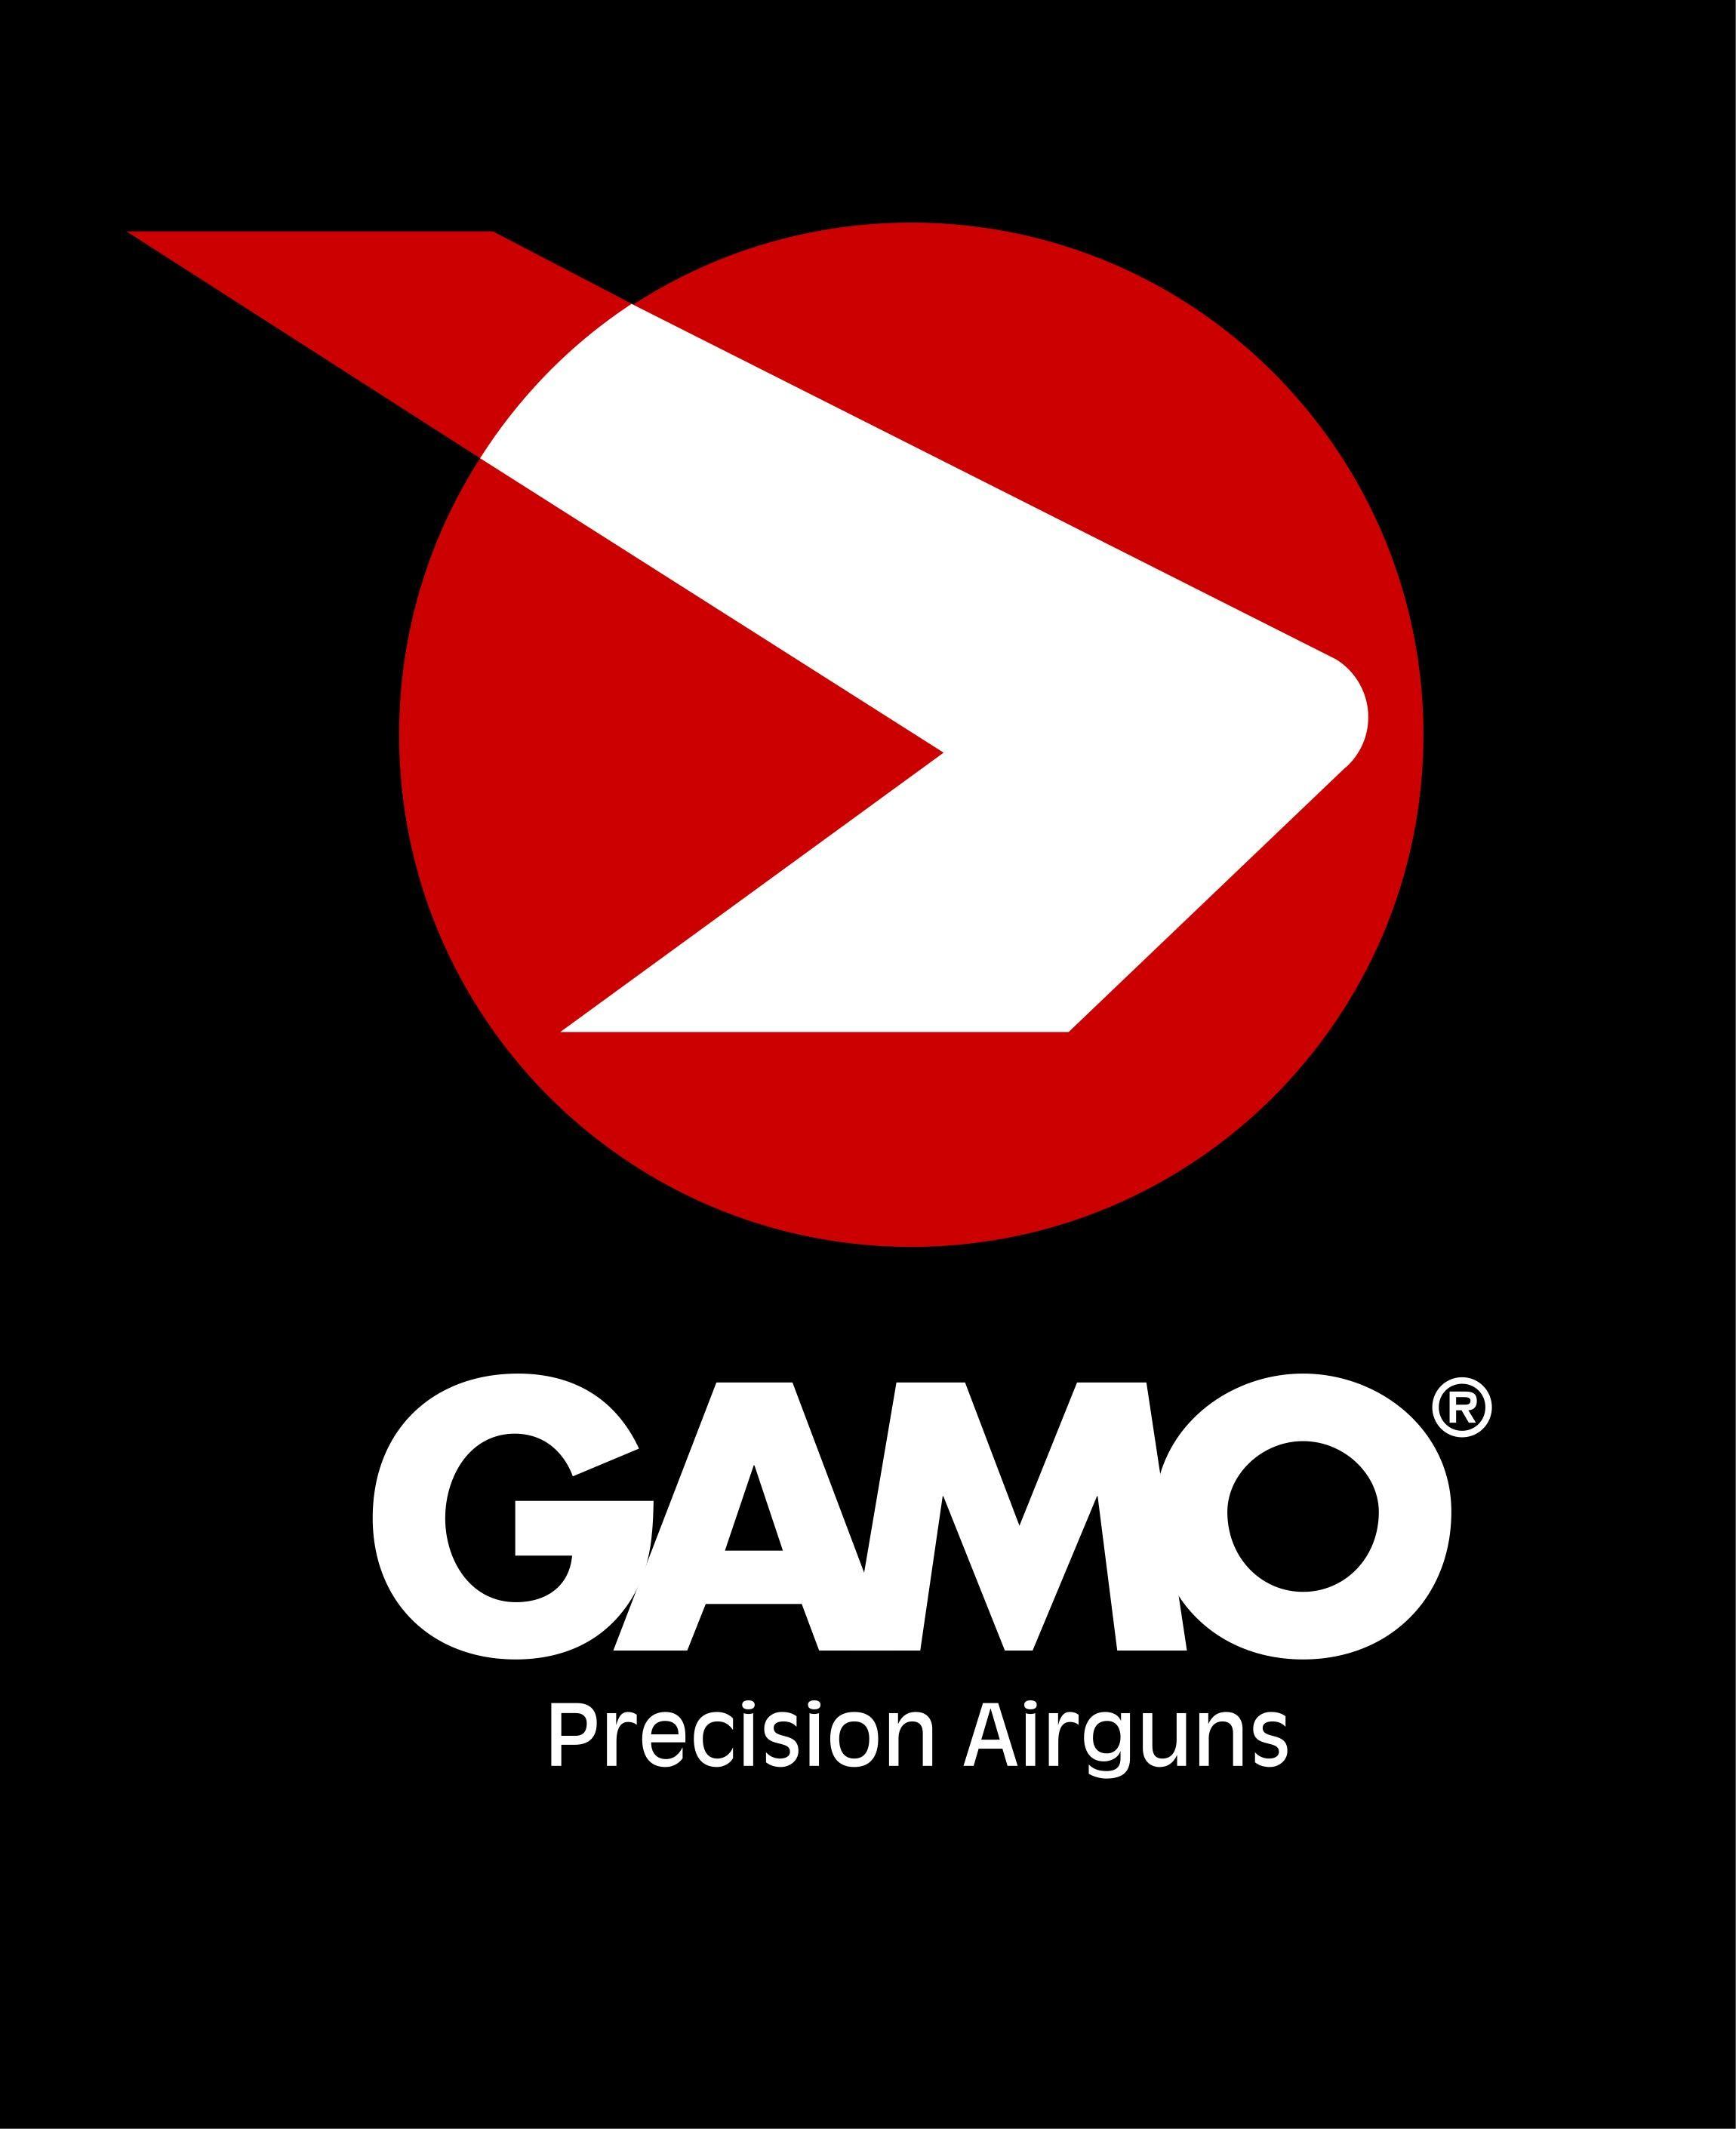 <div><strong>GAMO</strong></div>